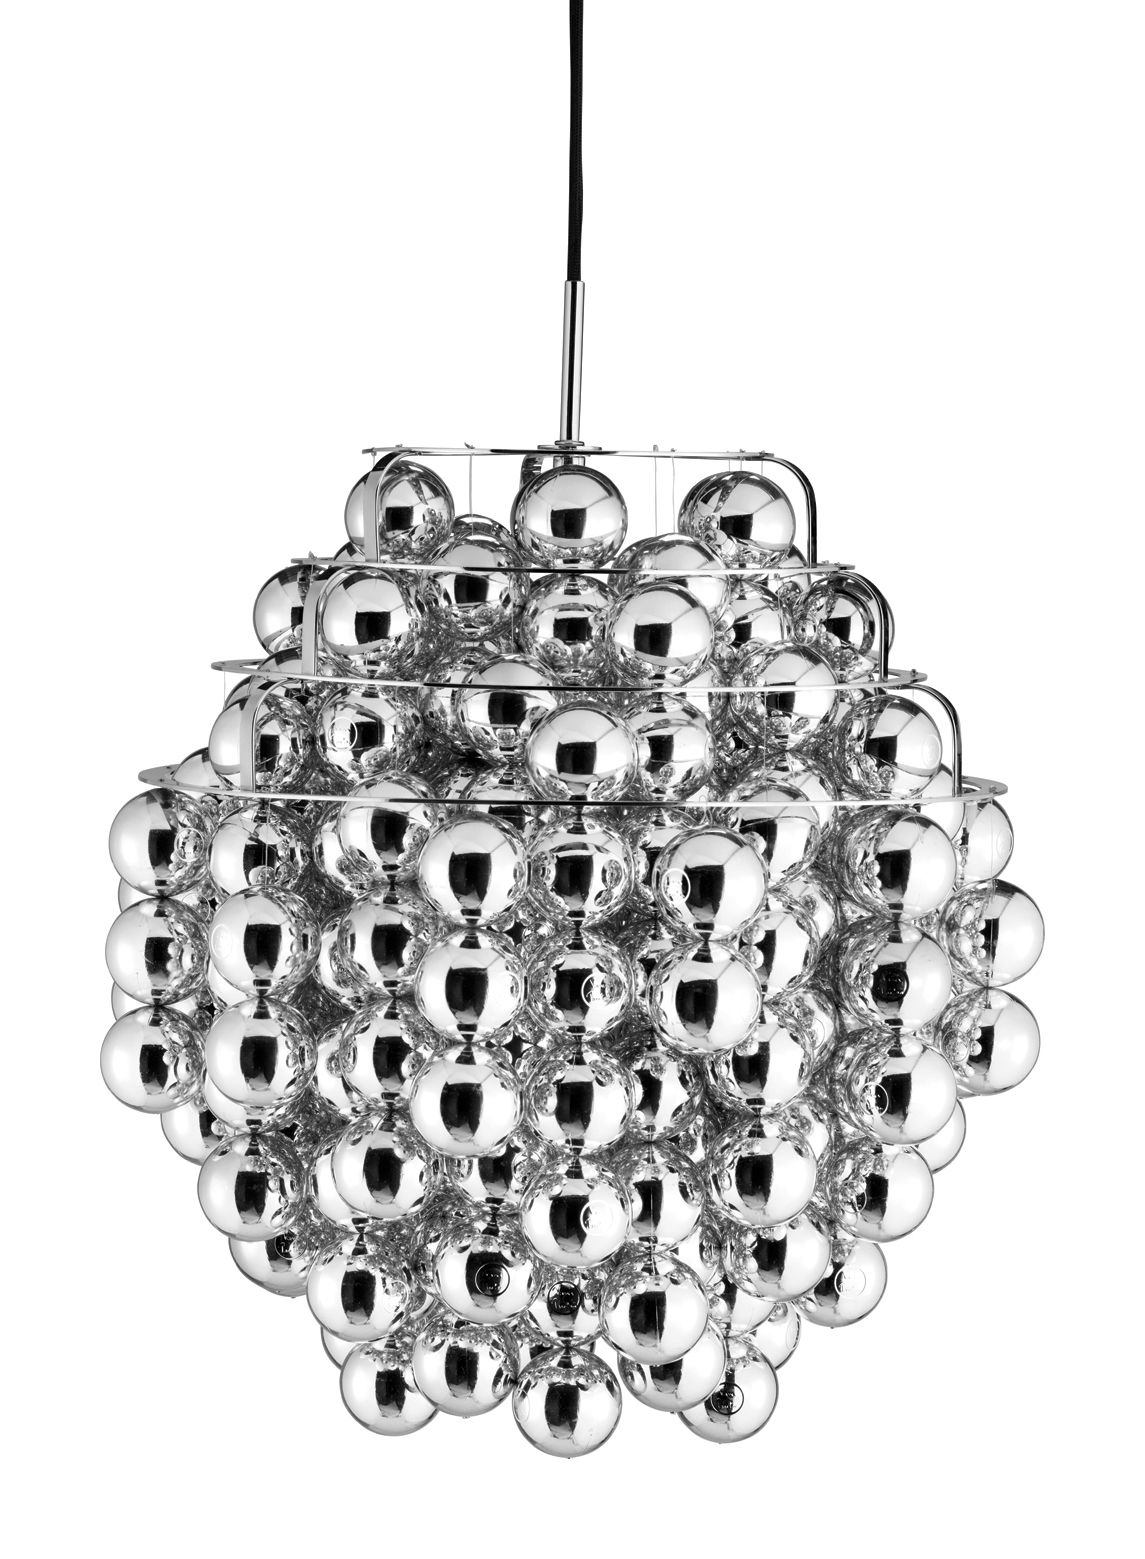 Illuminazione - Lampadari - Sospensione Ball - Ø 44 cm - Panton 1969 di Verpan - Argentato - Materiale plastico